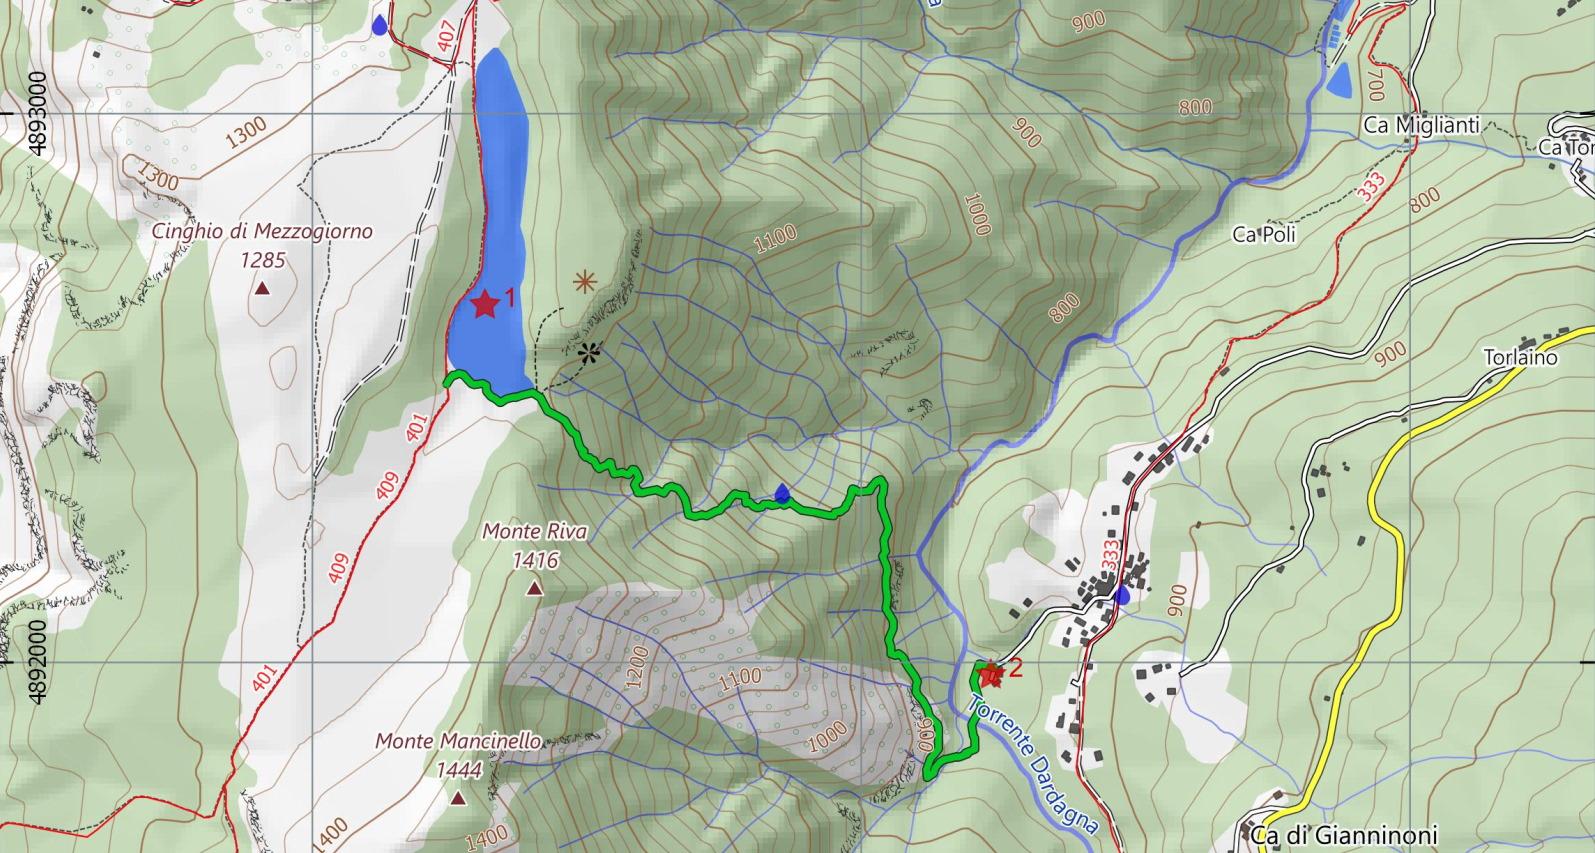 Scarica la mappa escursionistica dell'itinerario Poggiolforato - Lago Pratignano